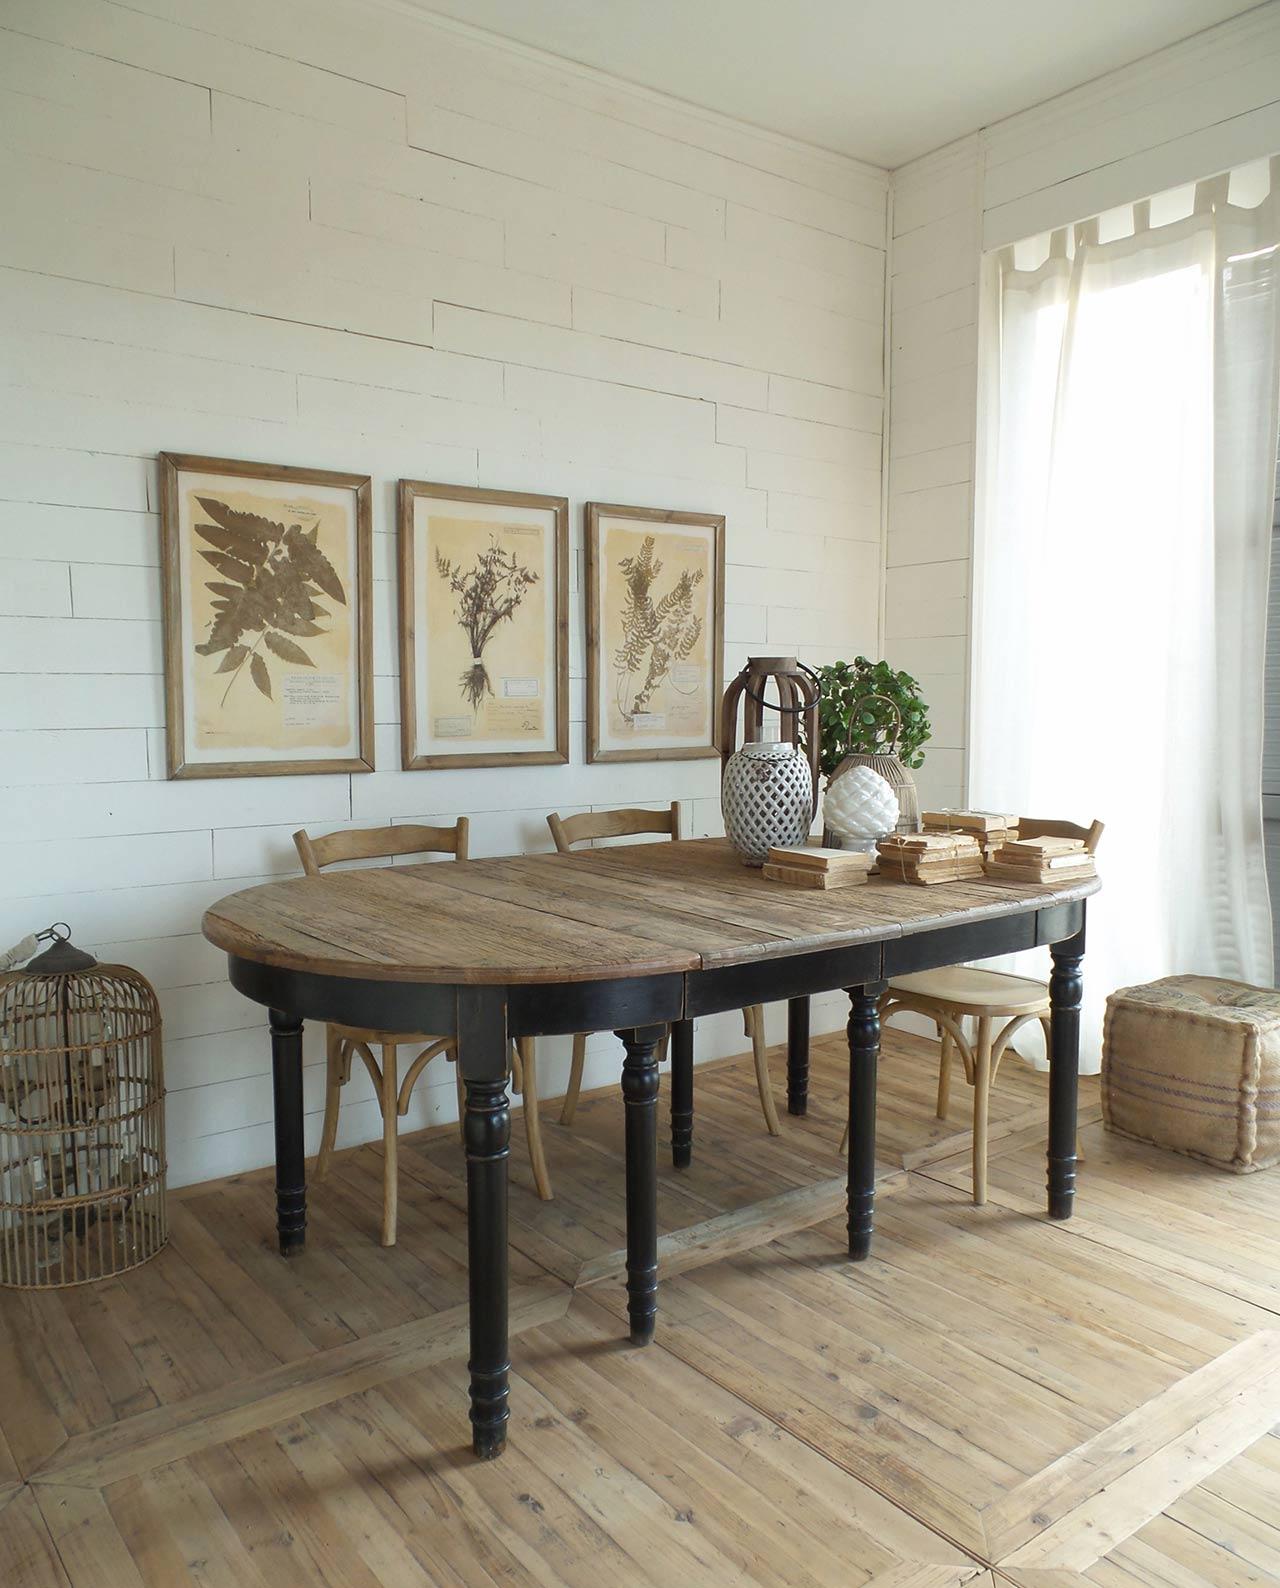 Tavoli Ovali Allungabili In Legno.Tavolo Ovale Allungabile In Rovere New Vintage